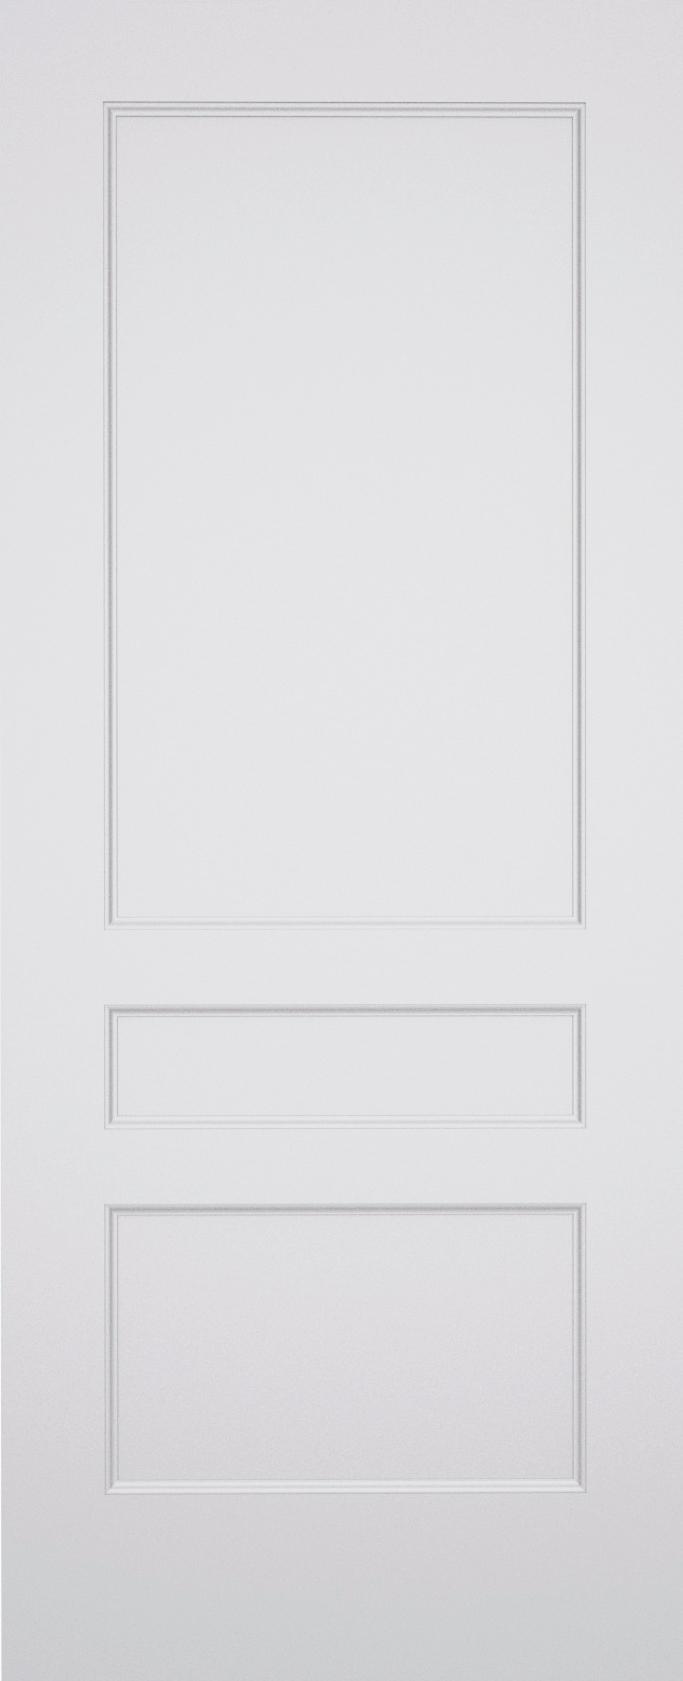 Kesh Battersea 3 Panel Door